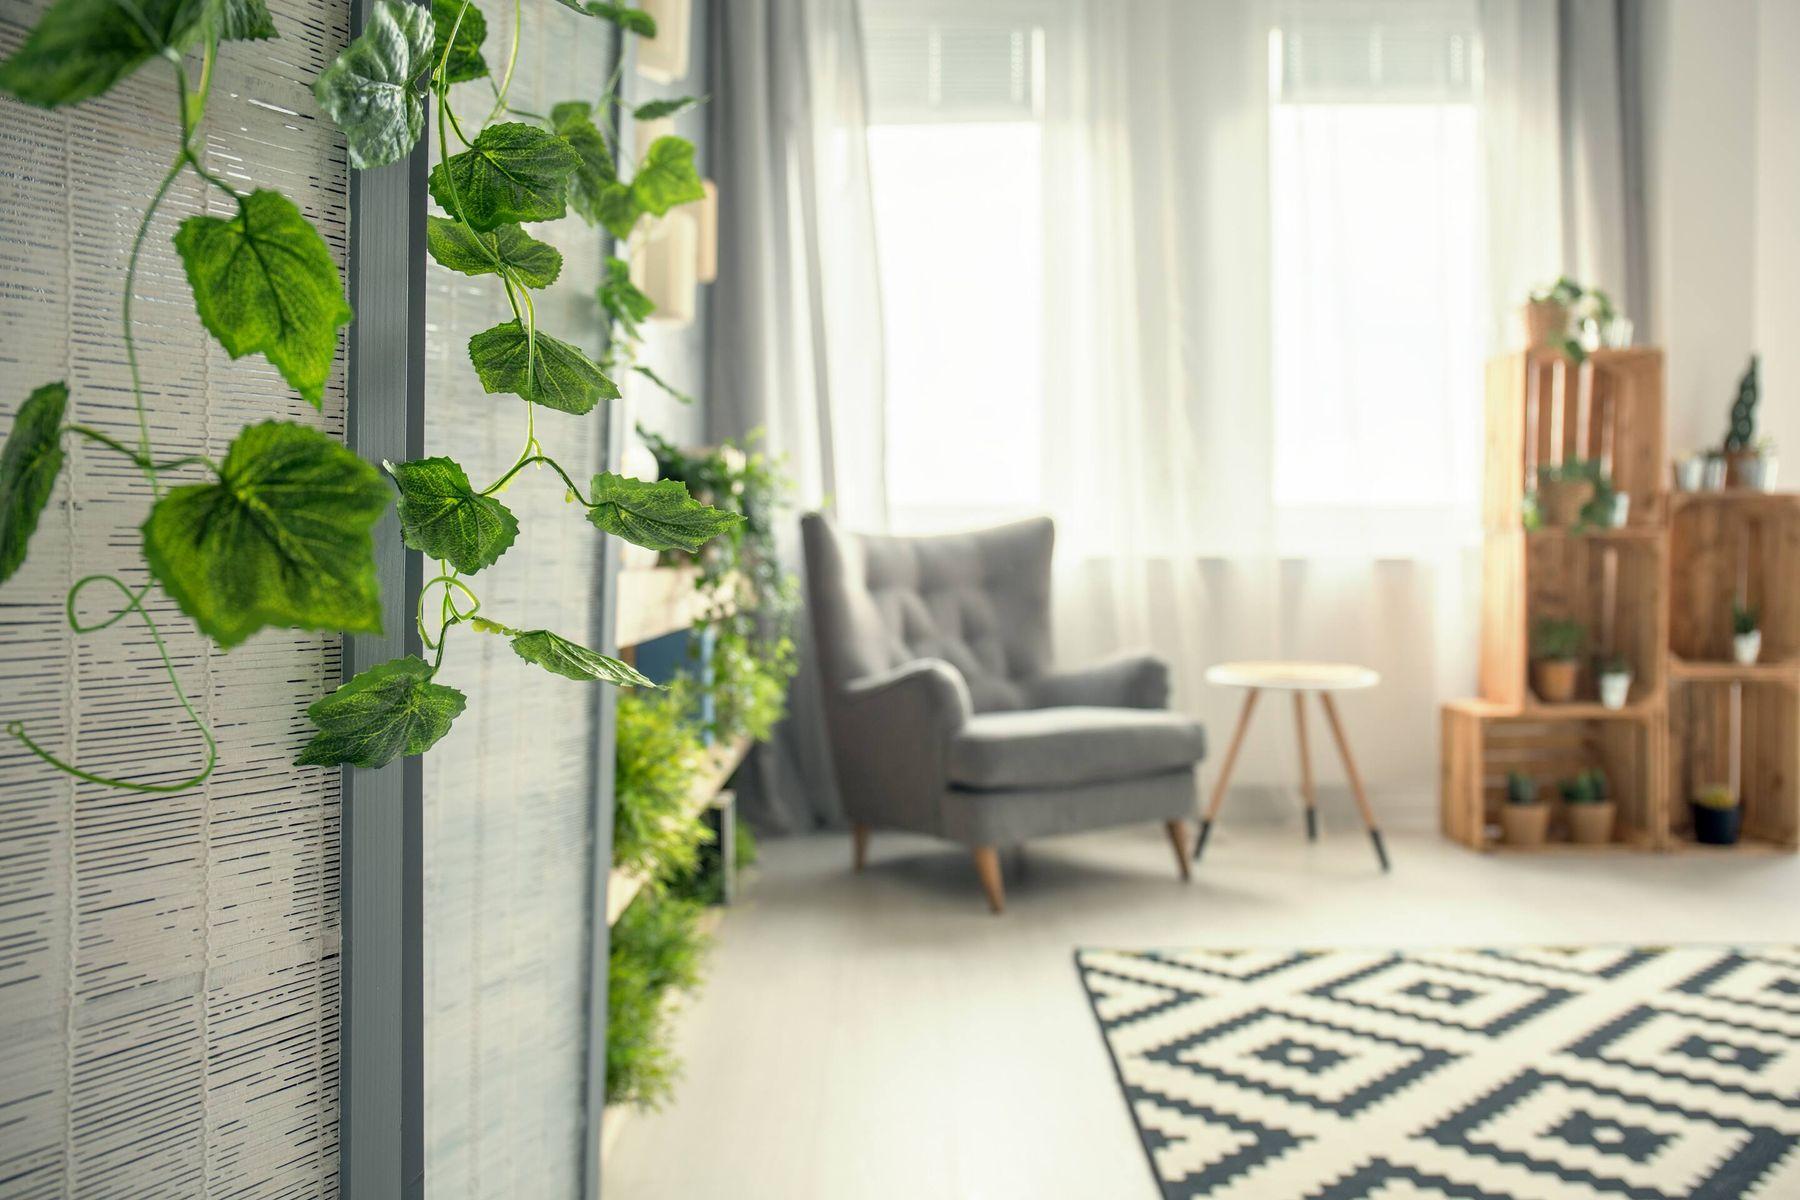 Wohnzimmer mit Sessel und Tisch und Efeusämling von der Wand herab